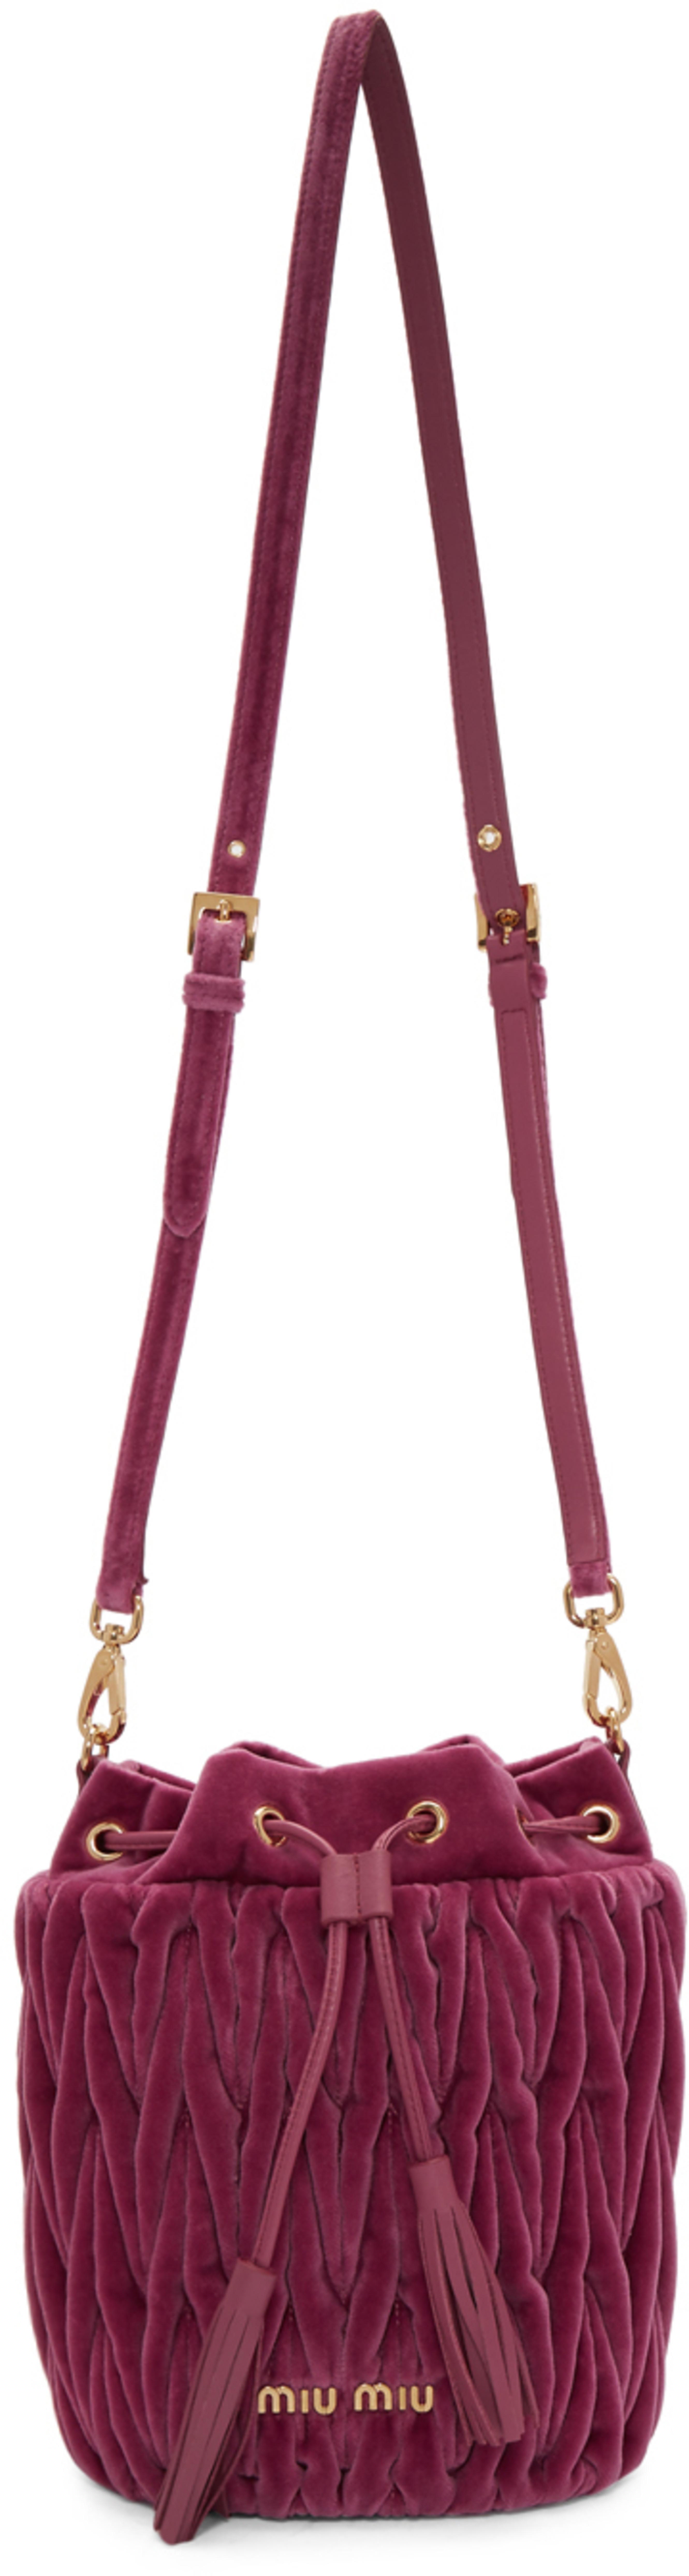 efb51f187e6b Miu Miu shoulder bags for Women | SSENSE Canada